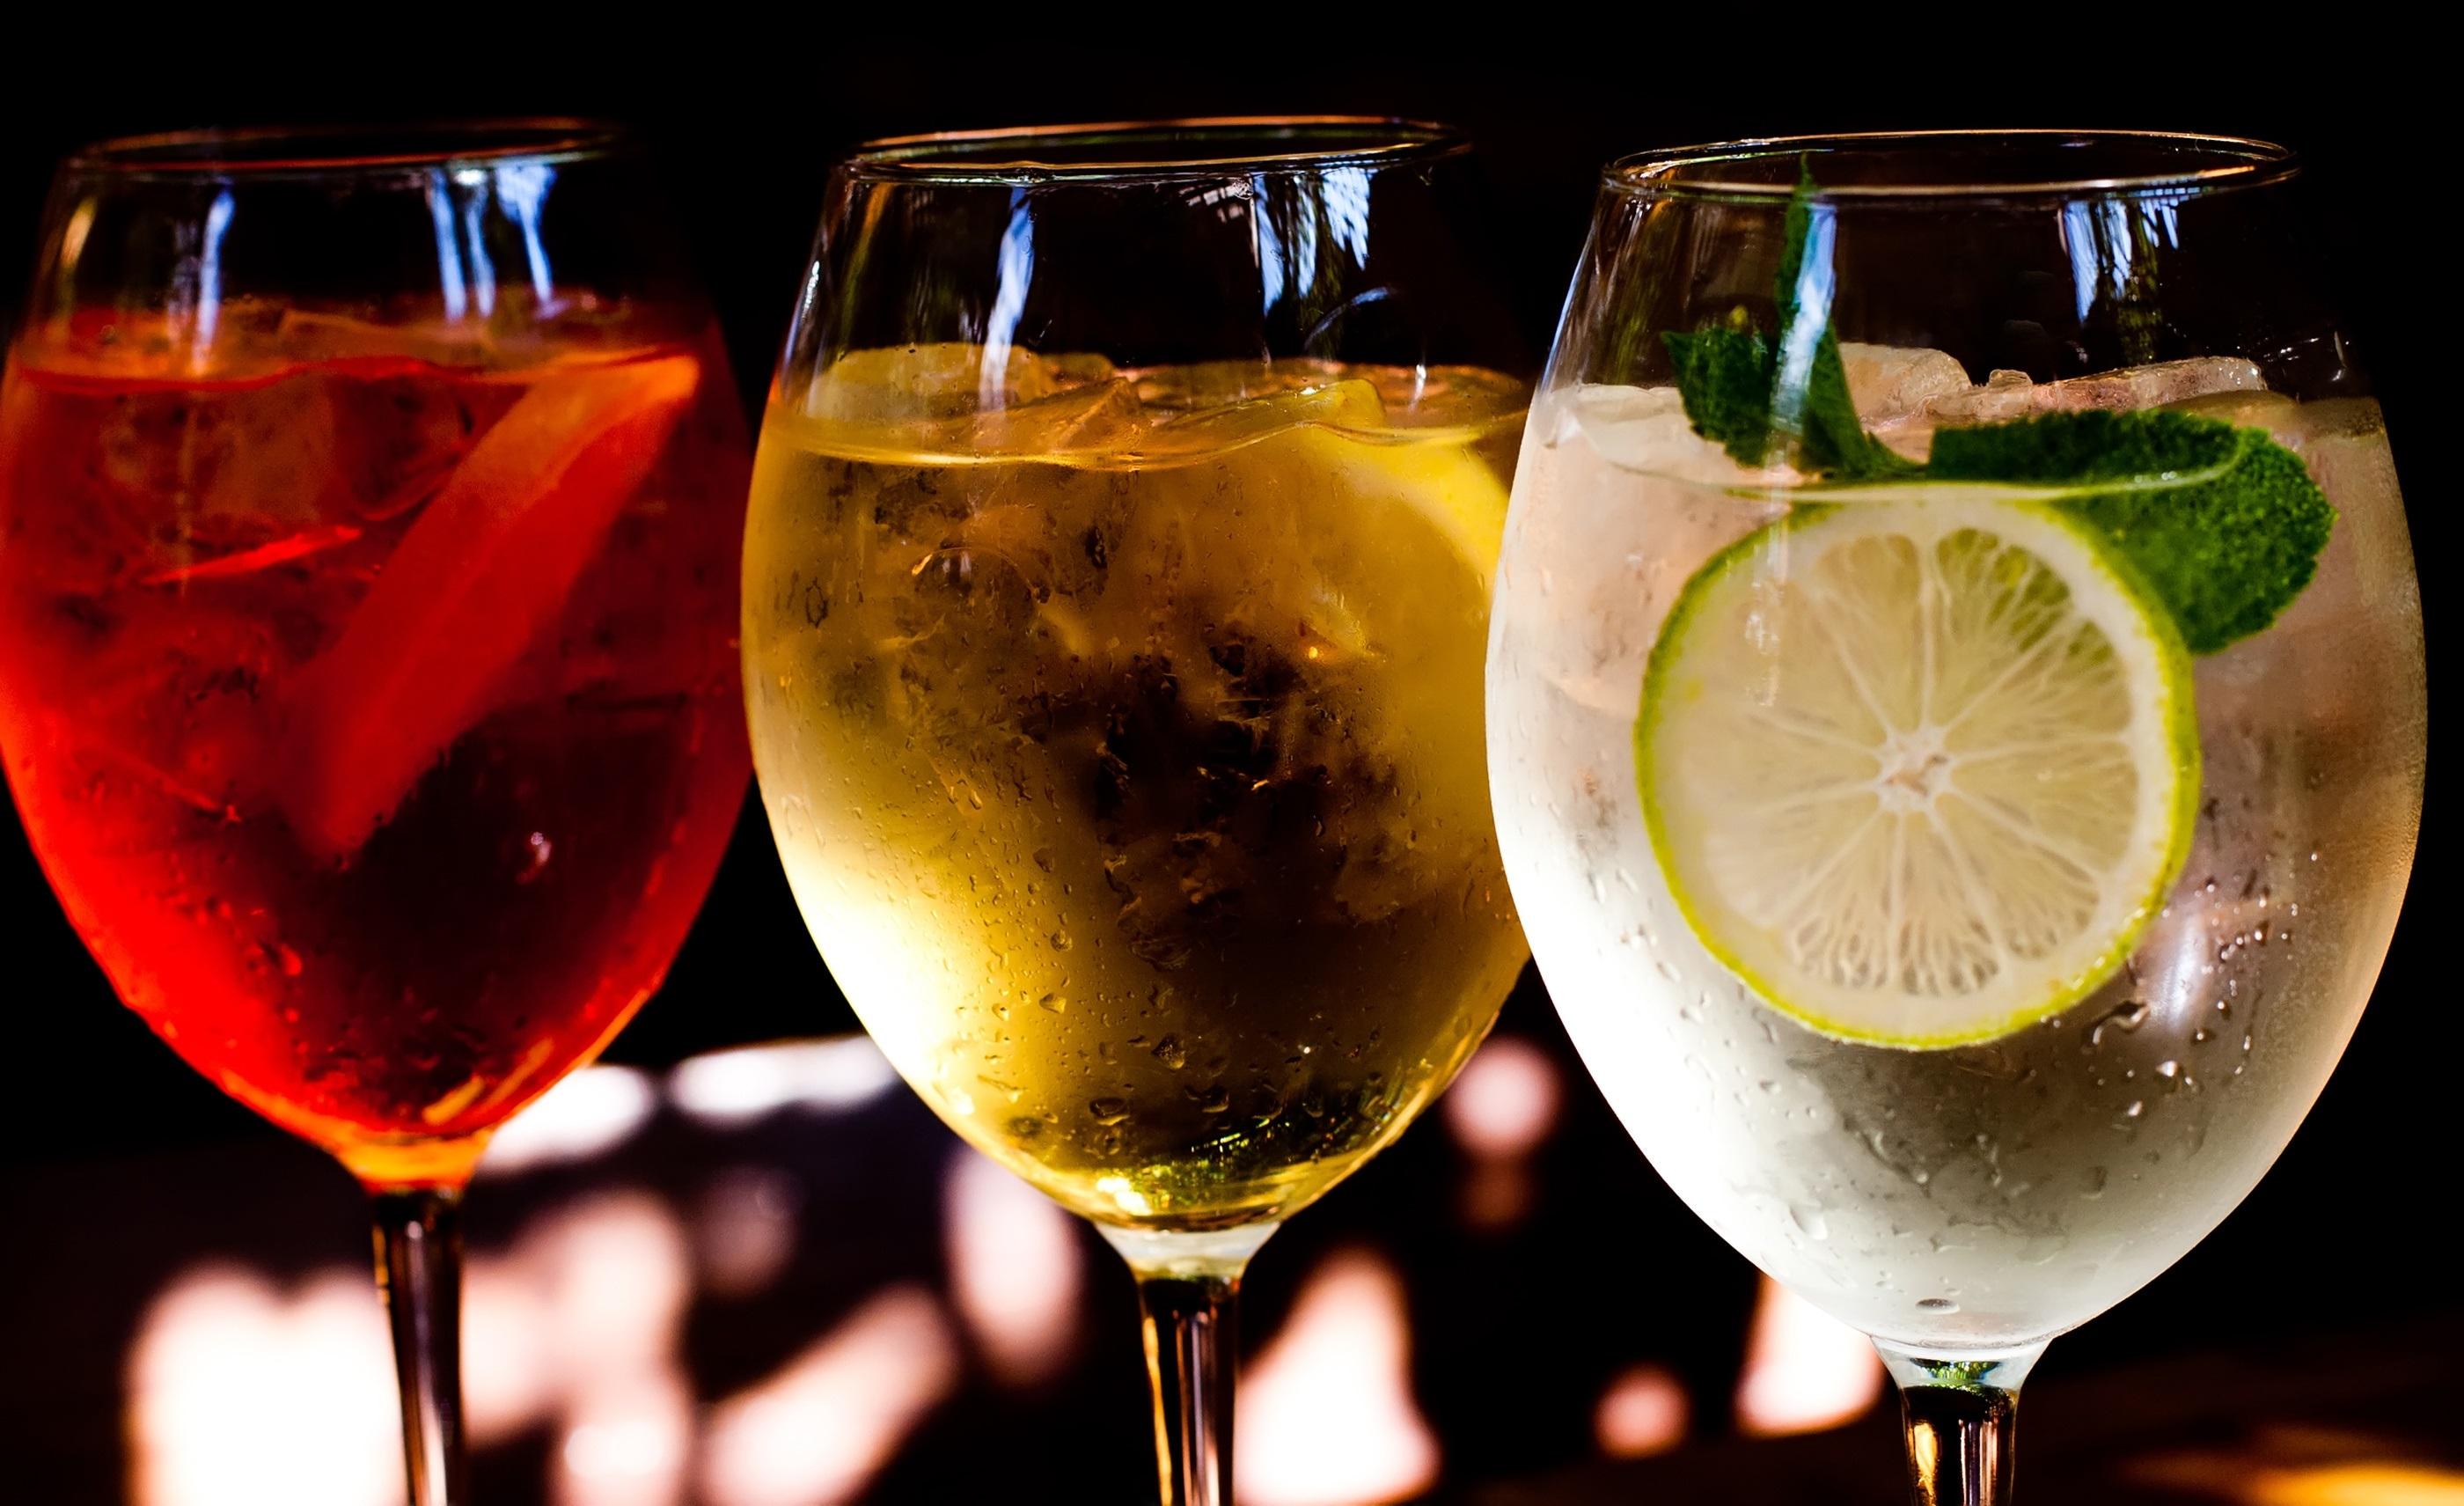 Cocktails: aperol spritz, sprizz (spriss), Martini royale. (dark background). Sparkling wine. Champagne.